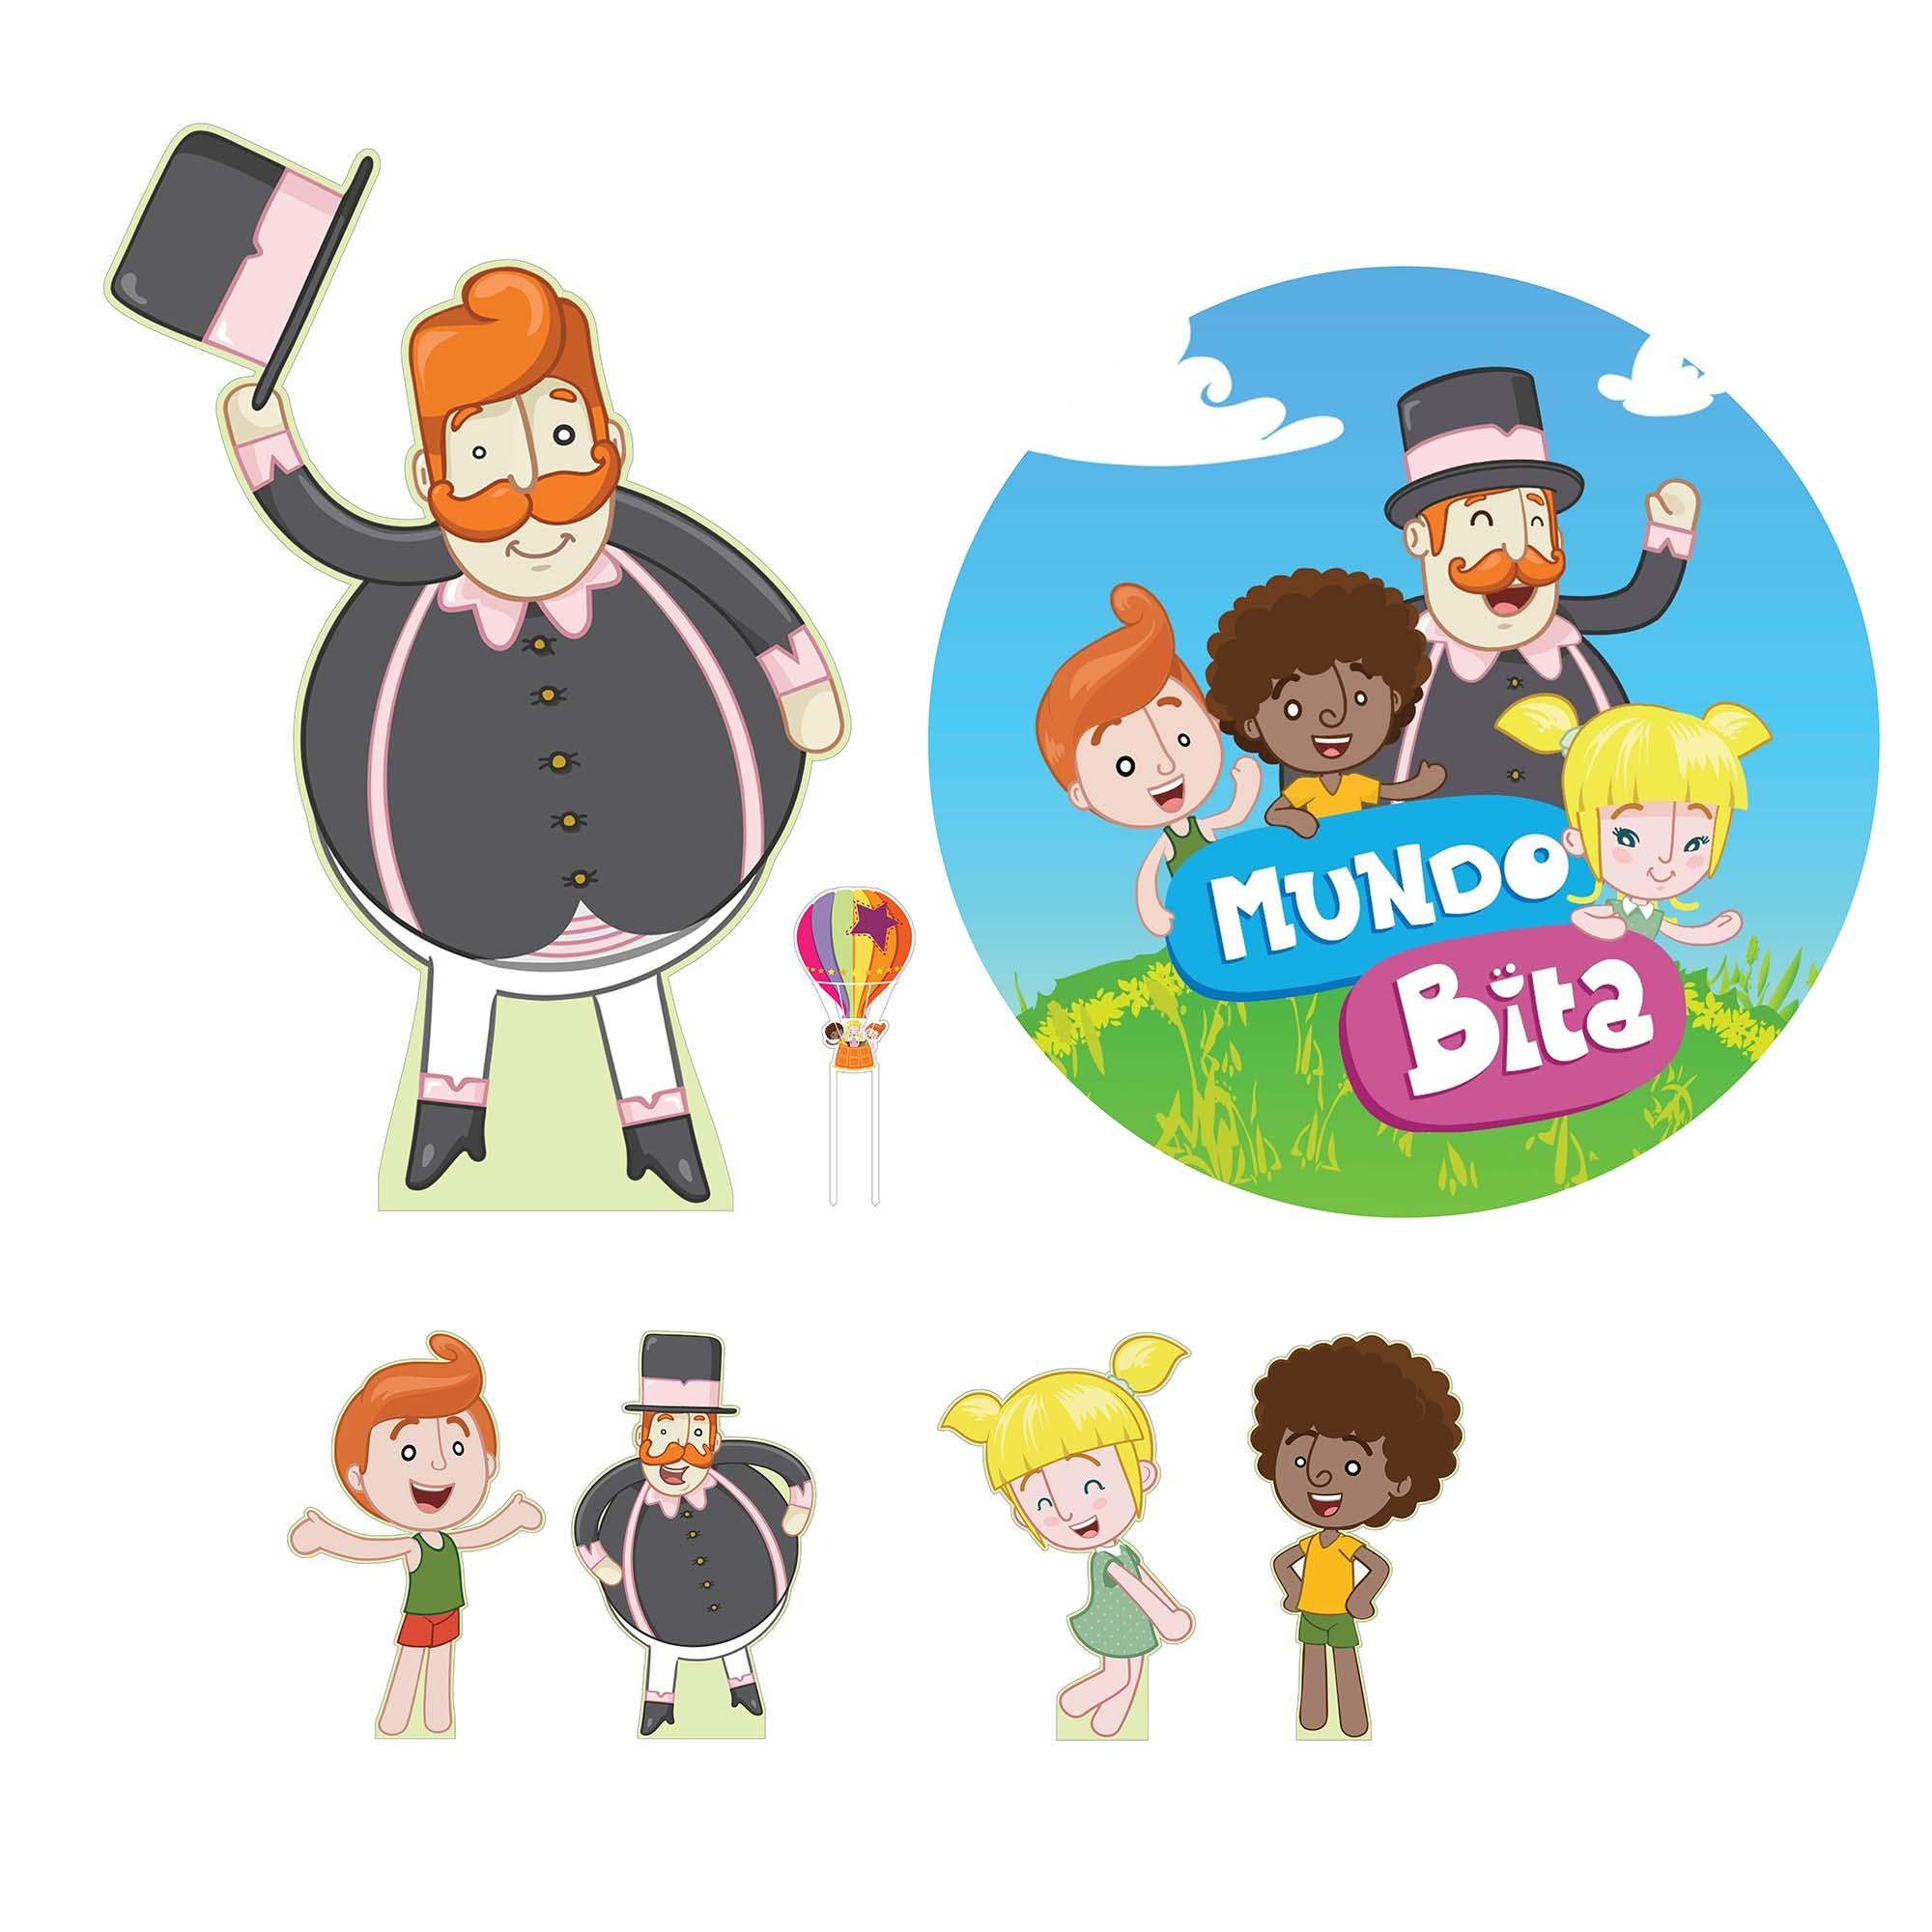 Kit de Festas Mundo Bita